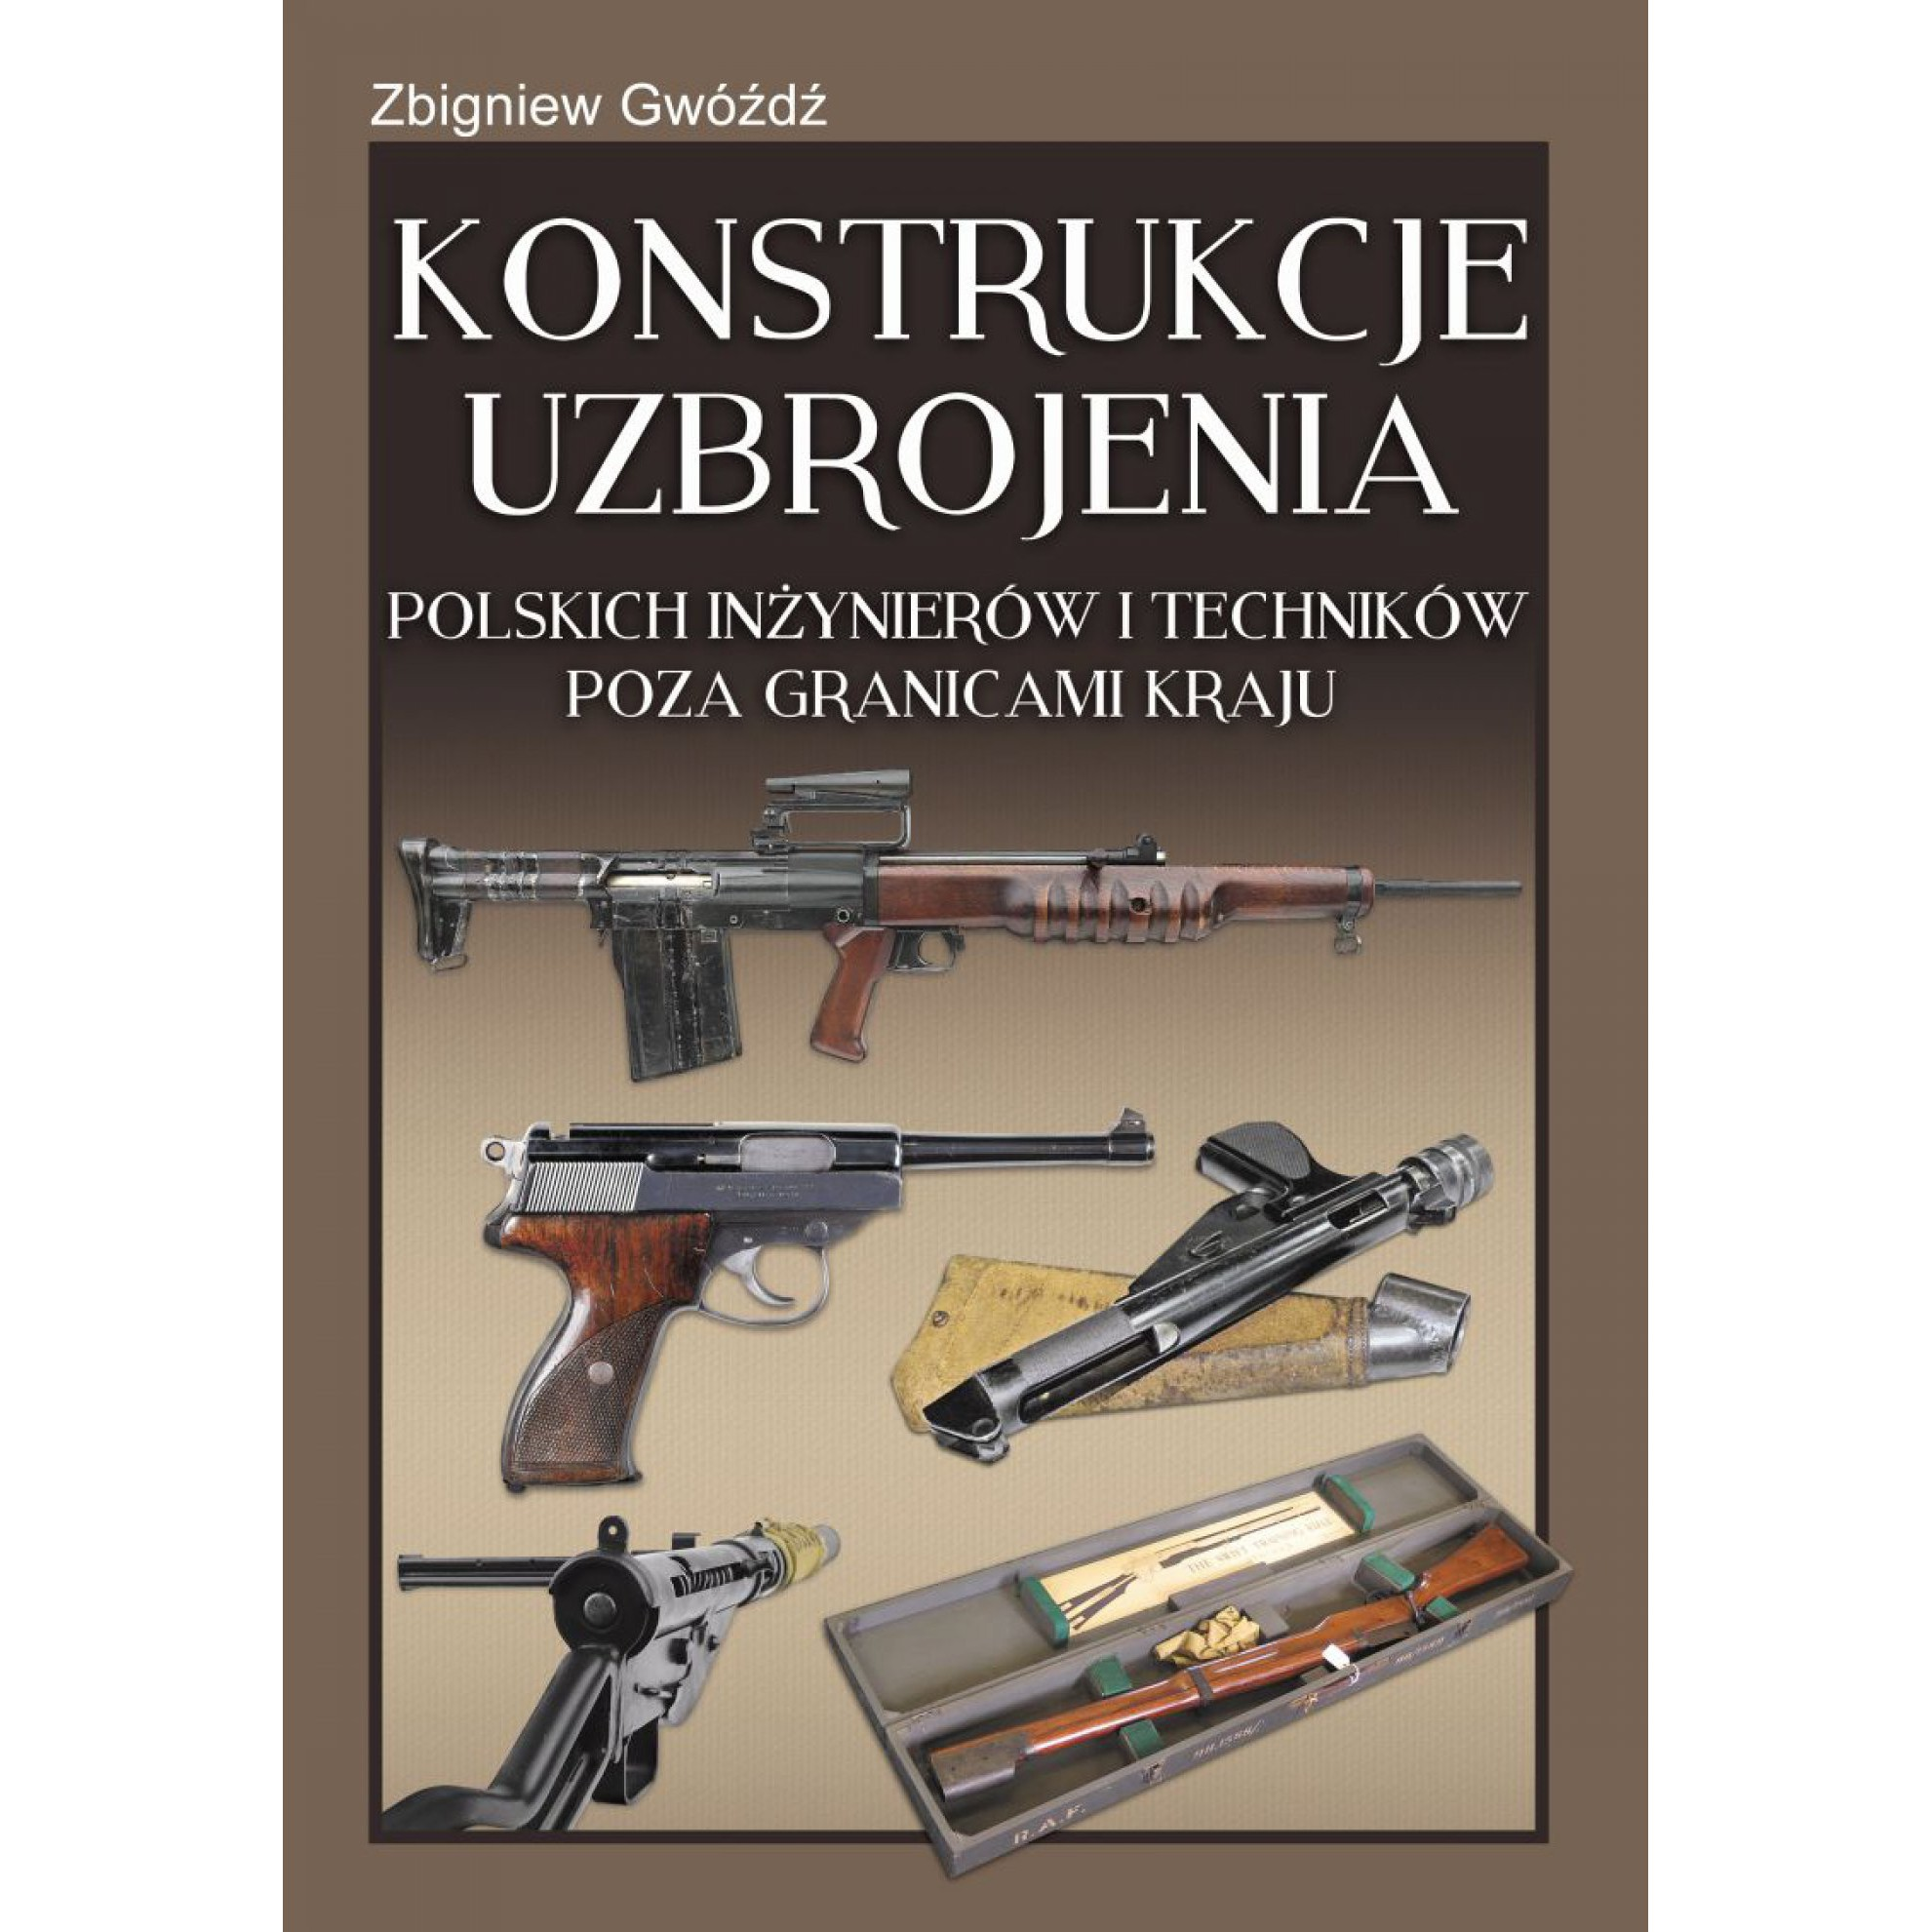 Konstrukcje uzbrojenia polskich inżynierów i techników poza granicami kraju